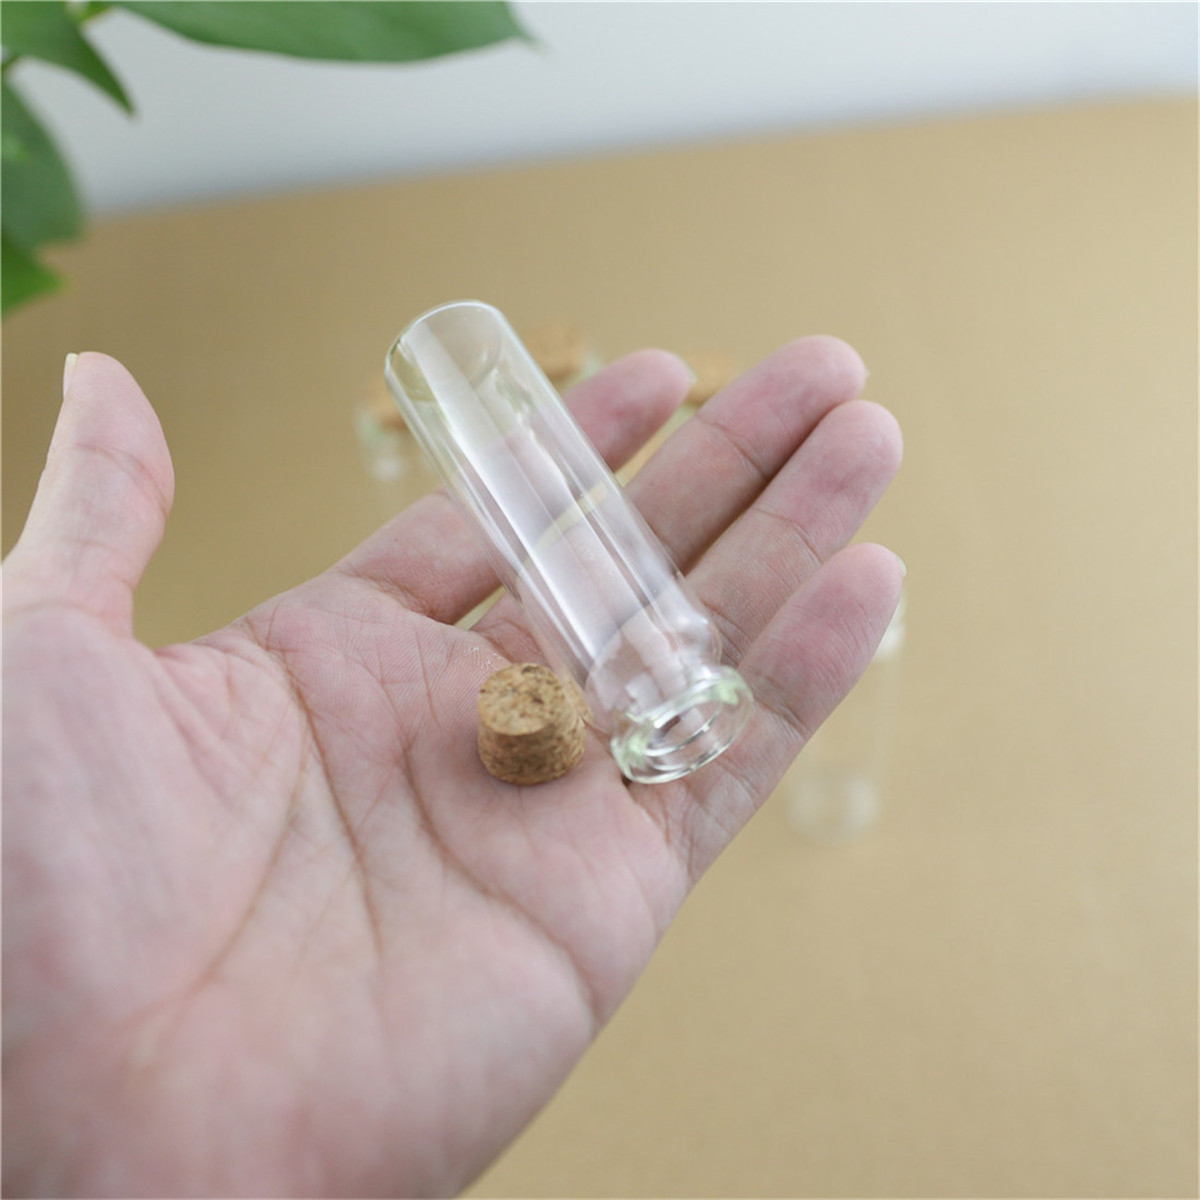 24 peças 22*80mm 20ml rolhas garrafas de vidro rolha artesanato pequeno estoque frascos recipiente de armazenamento mini frasco garrafa de vidro pequeno casamento